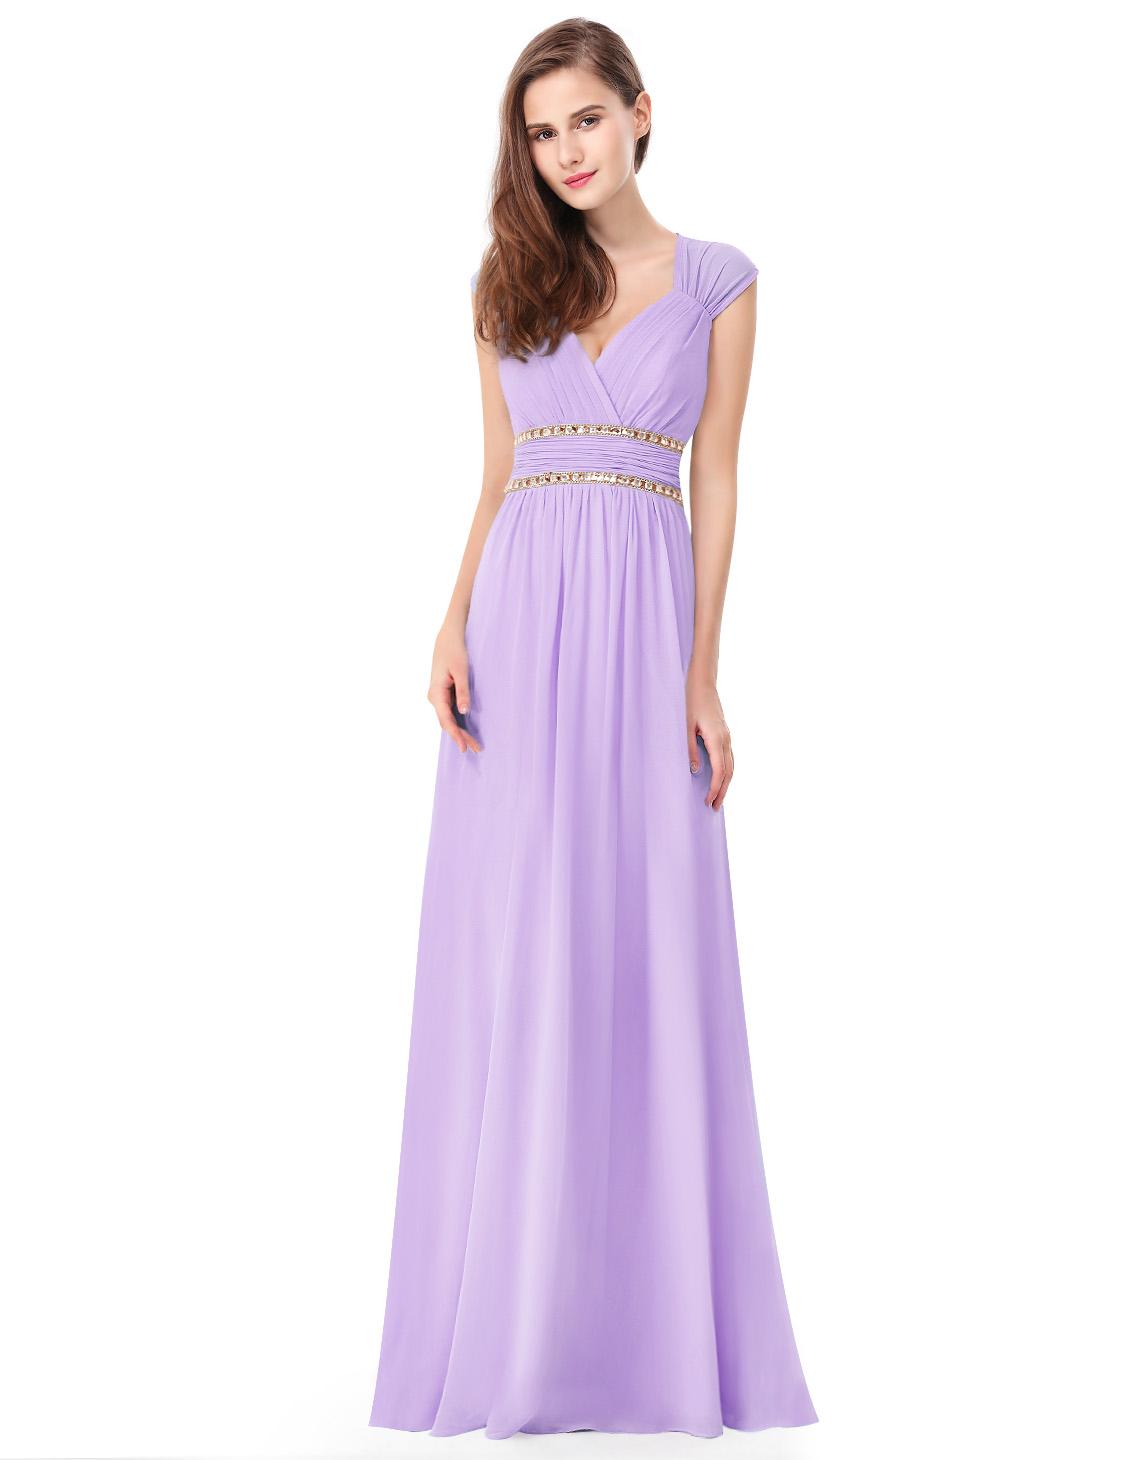 Společenské plesové svatební šaty pro těhotné  0dec4637f9